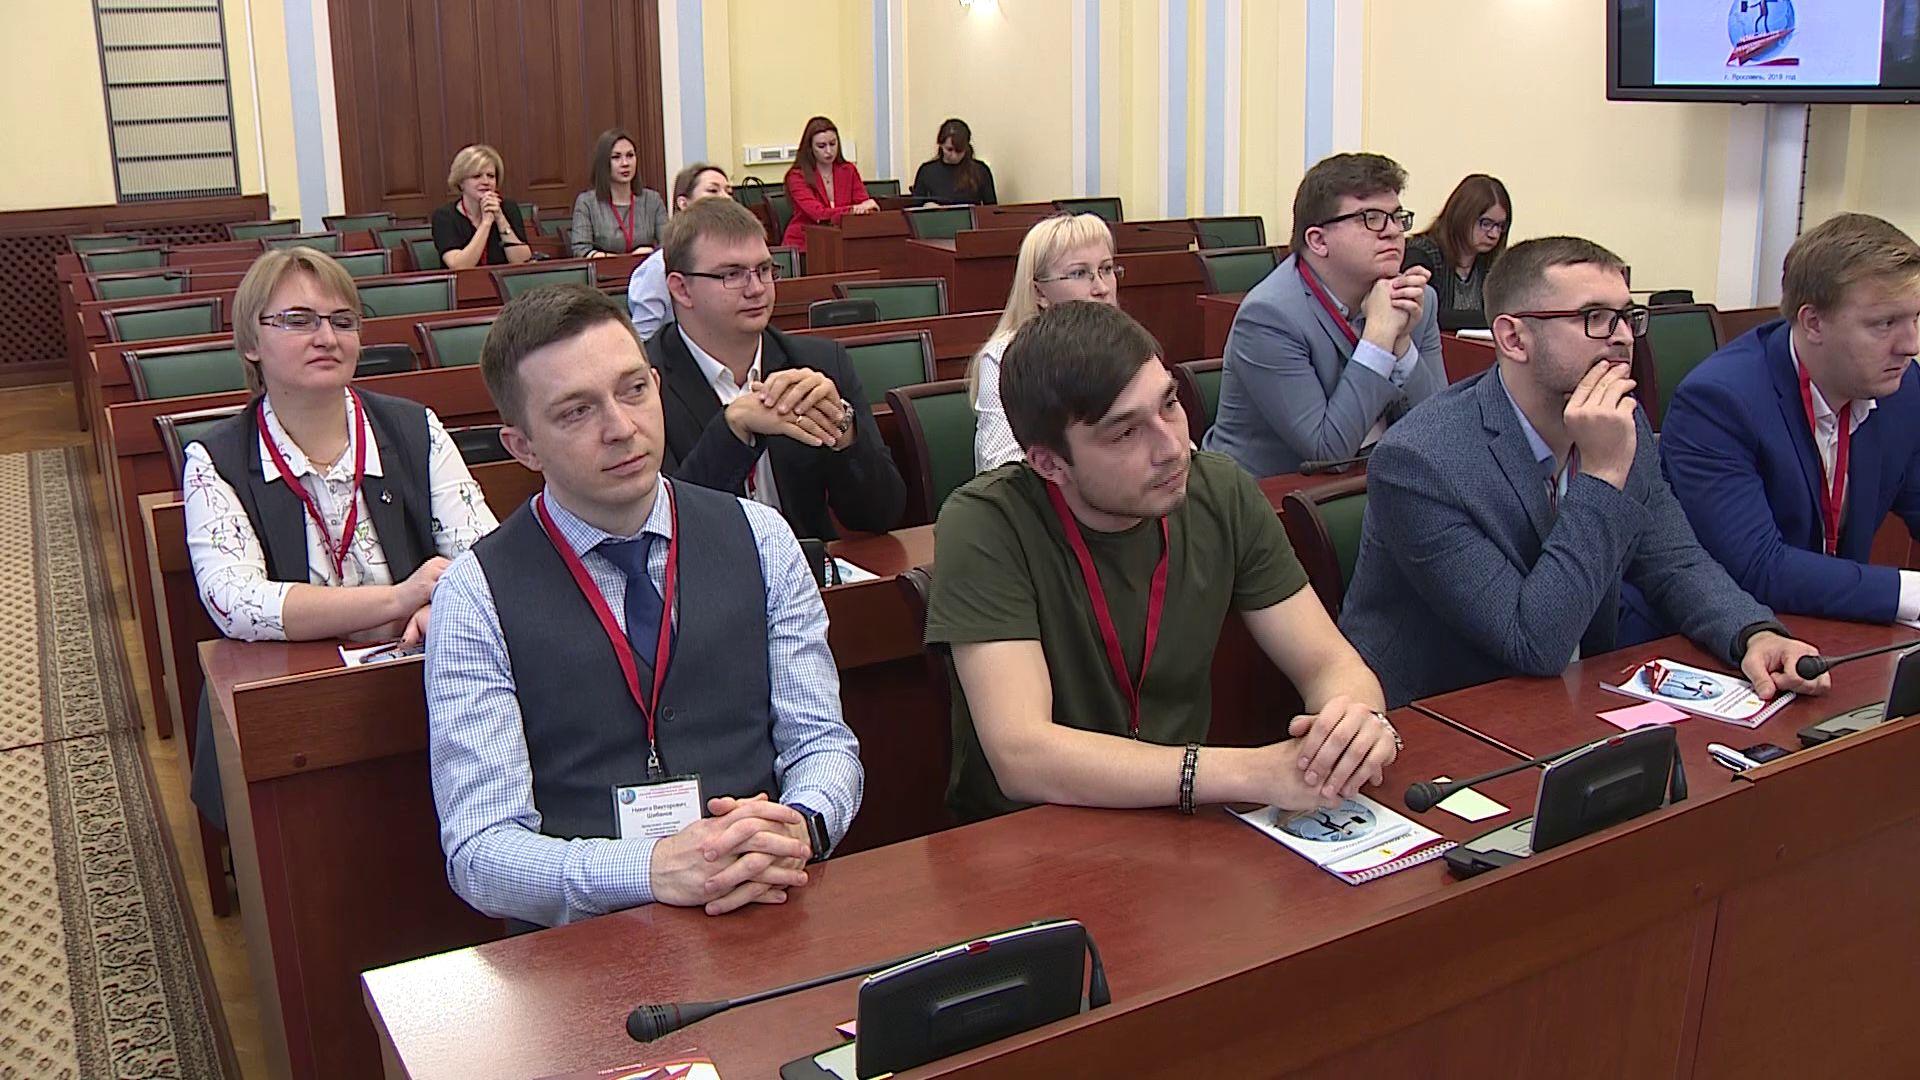 В Ярославле проходит региональный конкурс «Лучший государственный гражданский и муниципальный служащий»